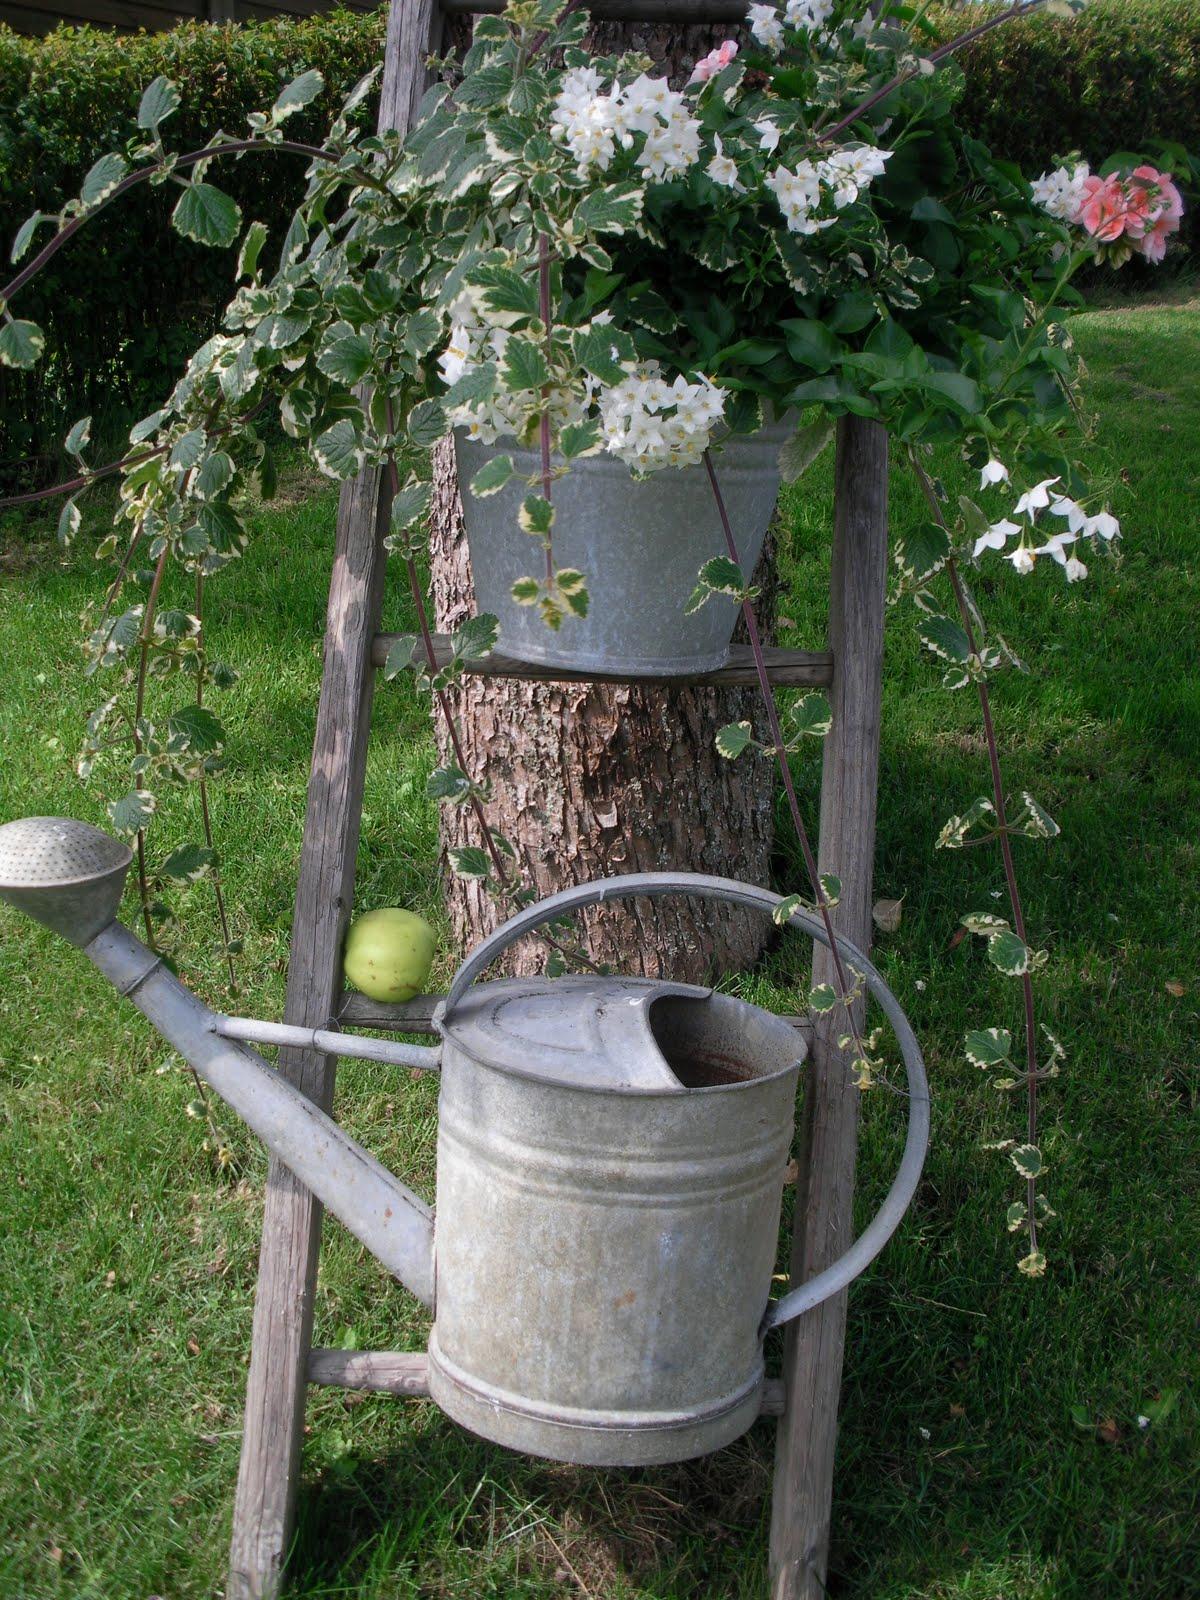 Schön Alte Milchkanne Dekorieren Design